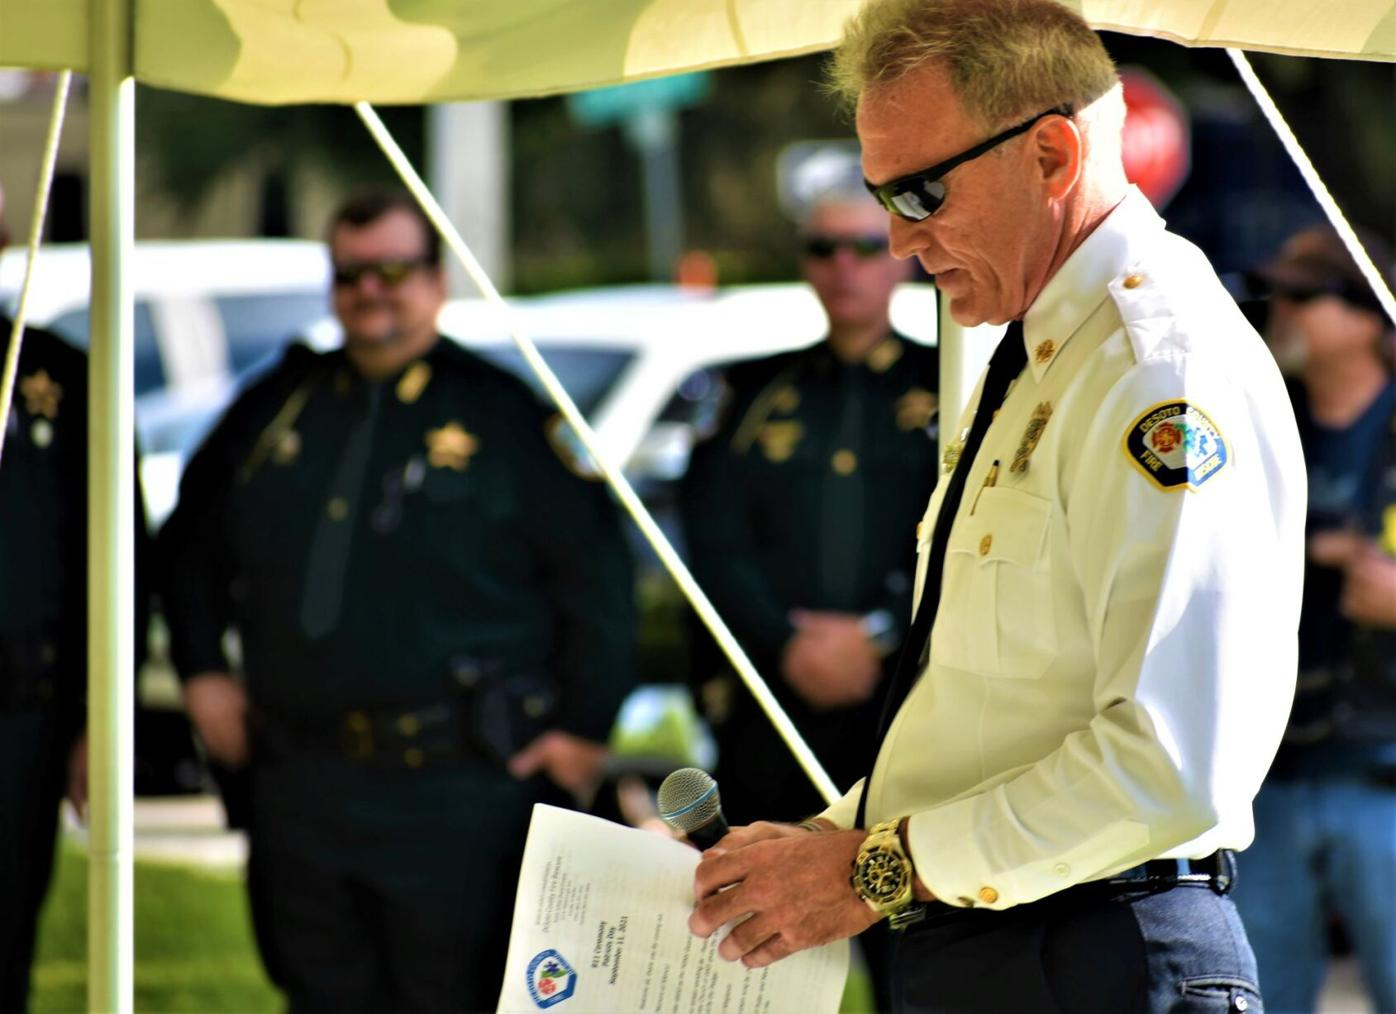 DeSoto Fire Chief Chad Jorgensen